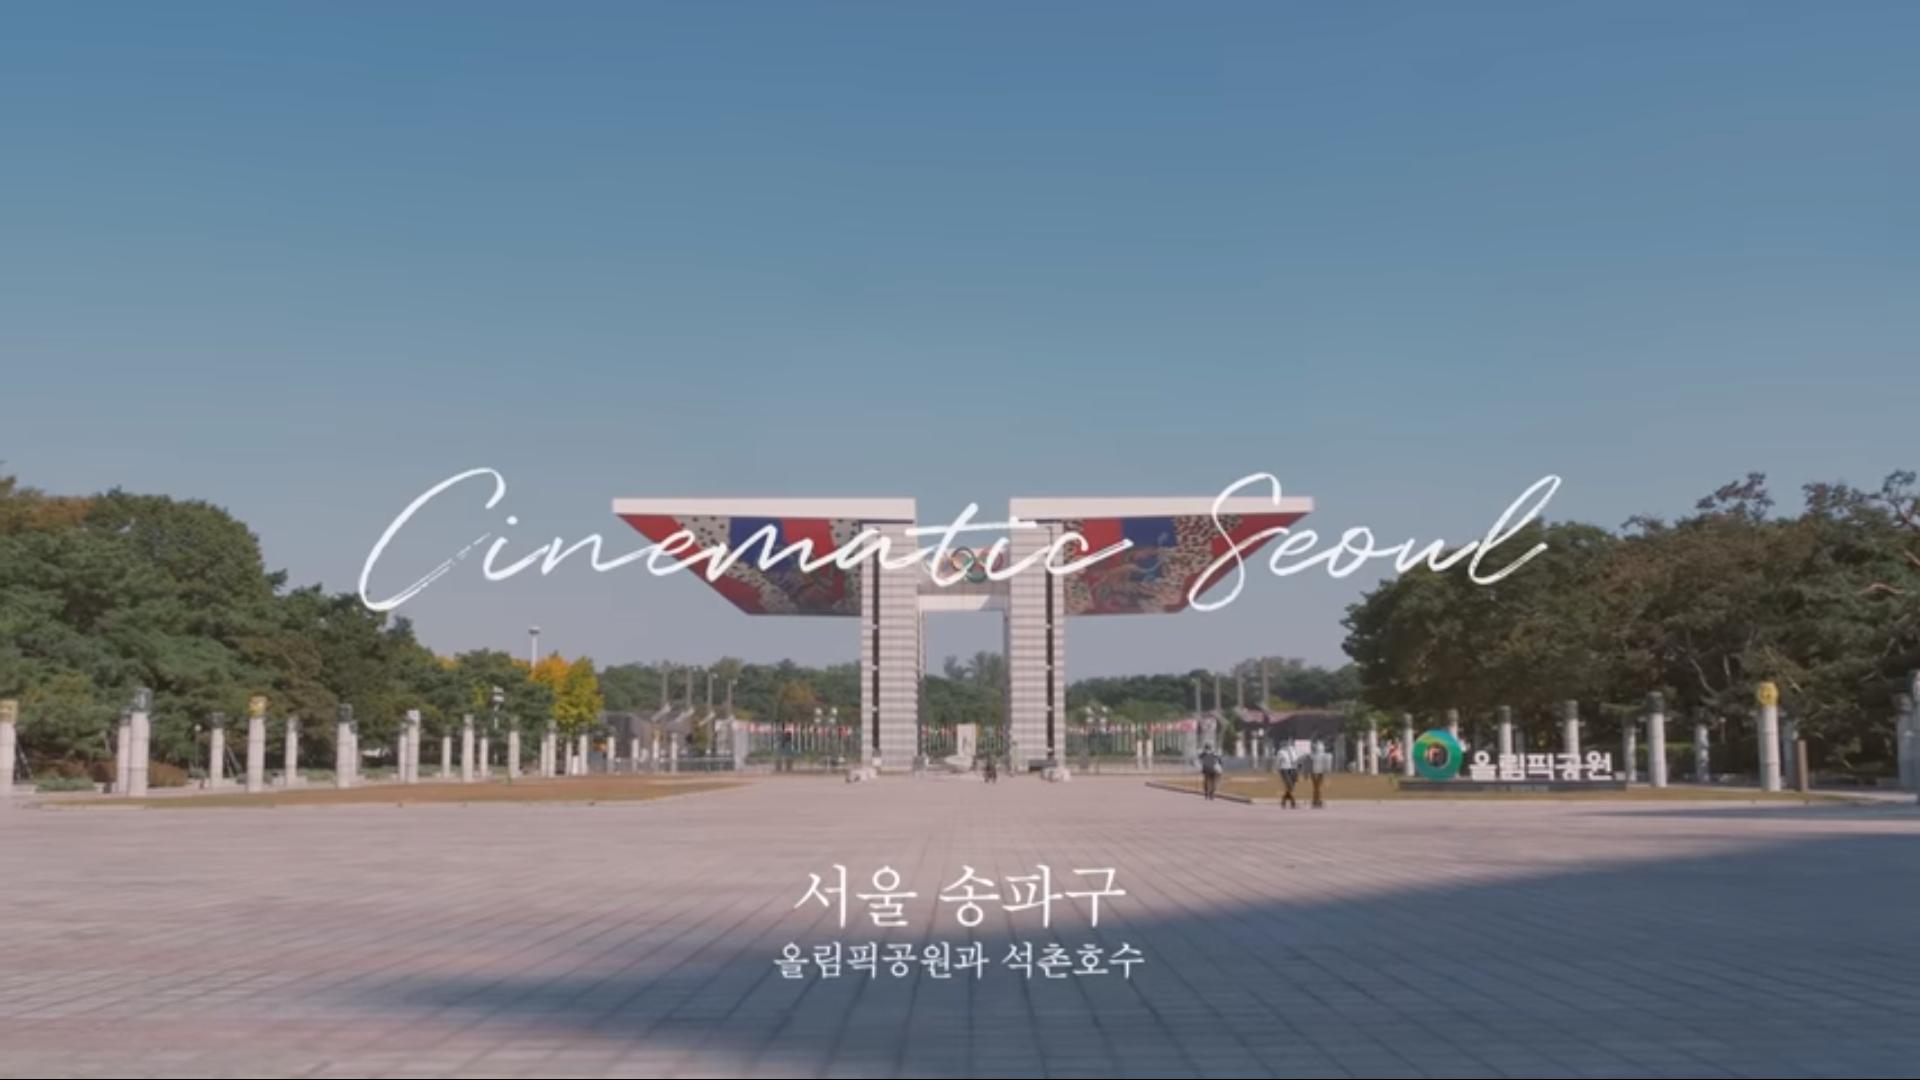 송파구 올림픽공원, 몽촌토성, 석촌호수의 아름다운 경치